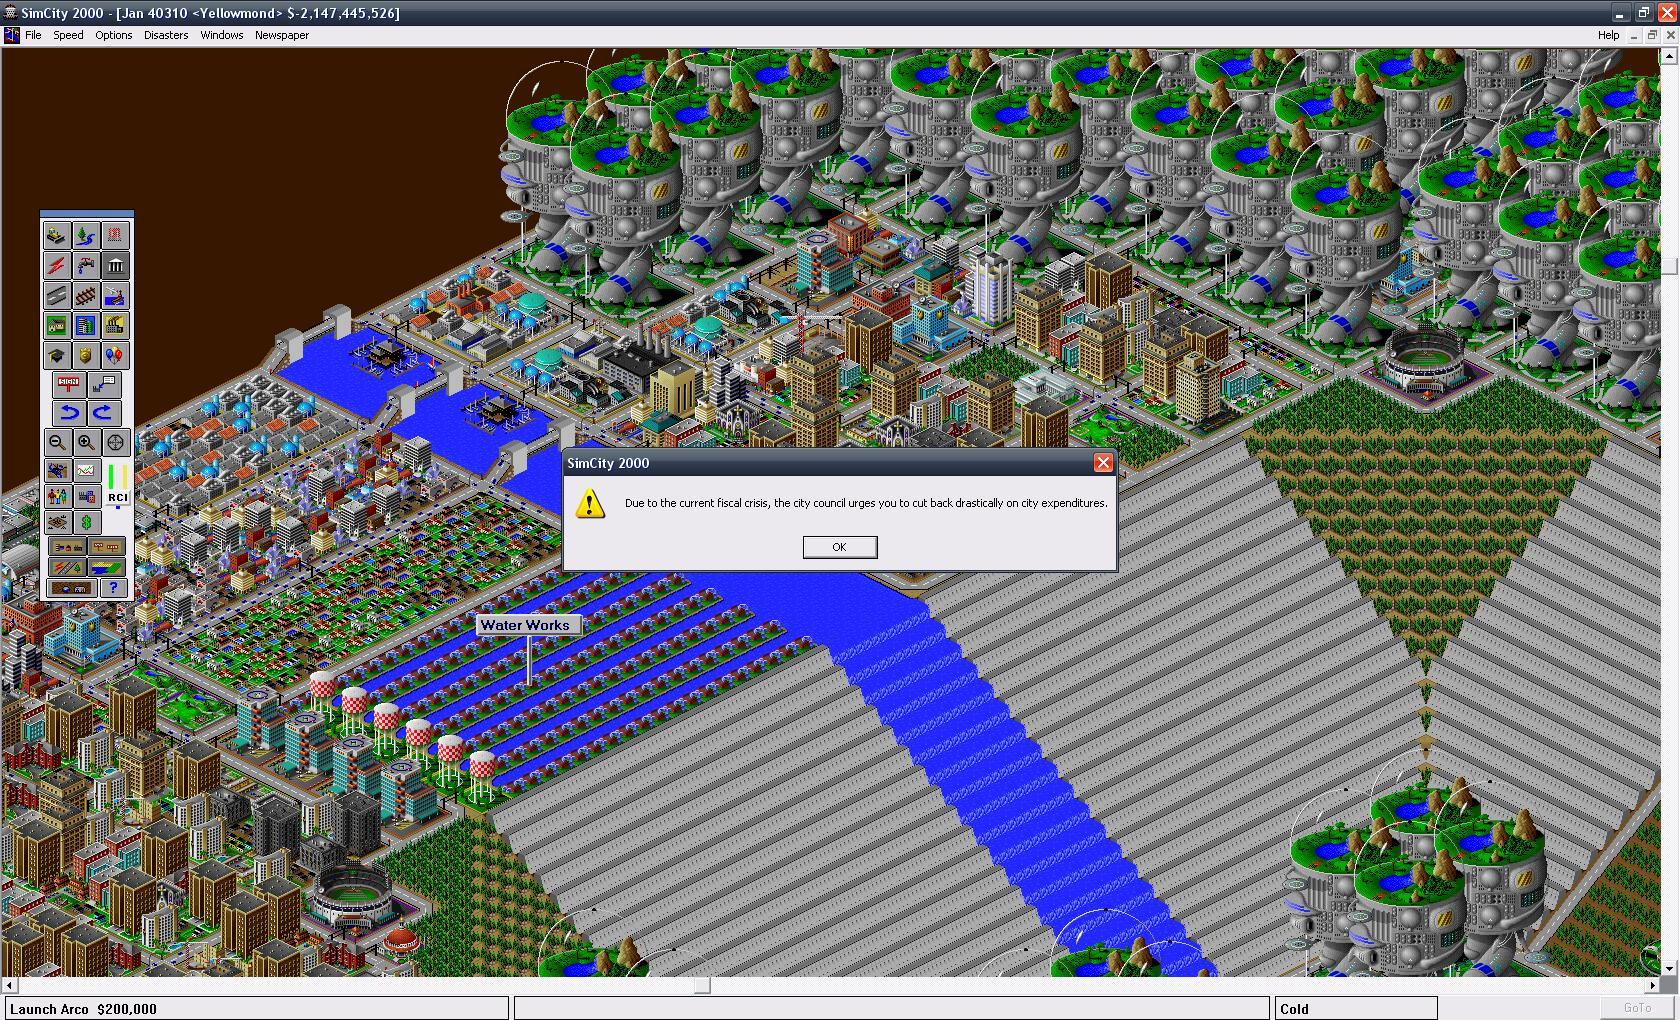 Un overflow dans Sim City